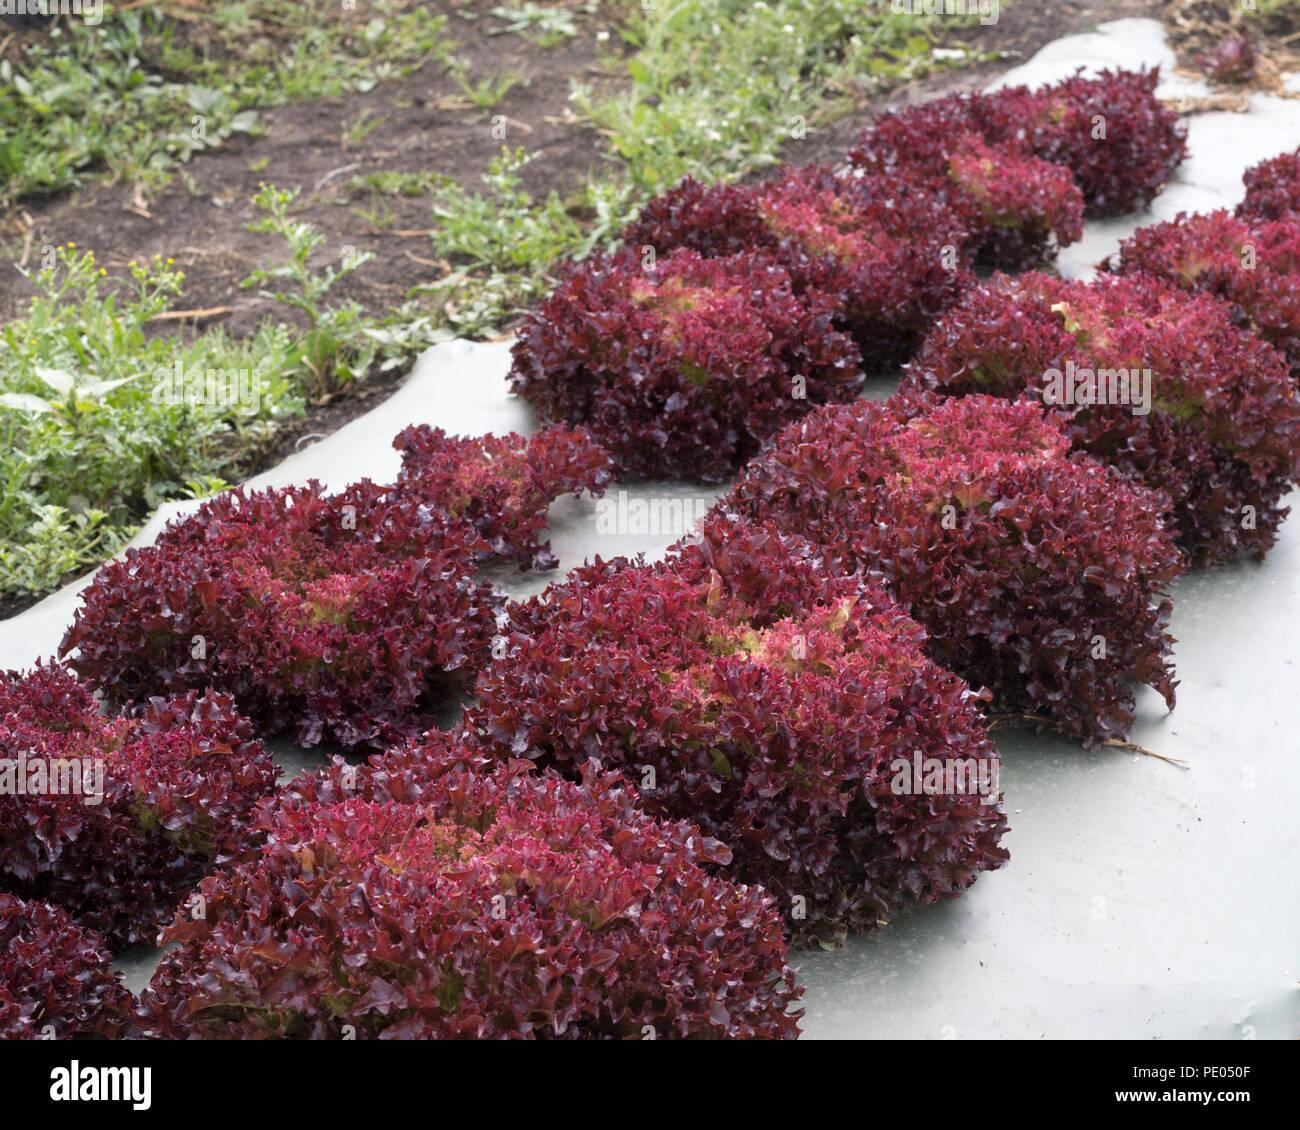 Rote eiche Kopfsalat in Bauernhof Feld. Die Kunststoffabdeckung über dem Boden verhindert Unkrautbewuchs und schont die Feuchtigkeit. Stockbild